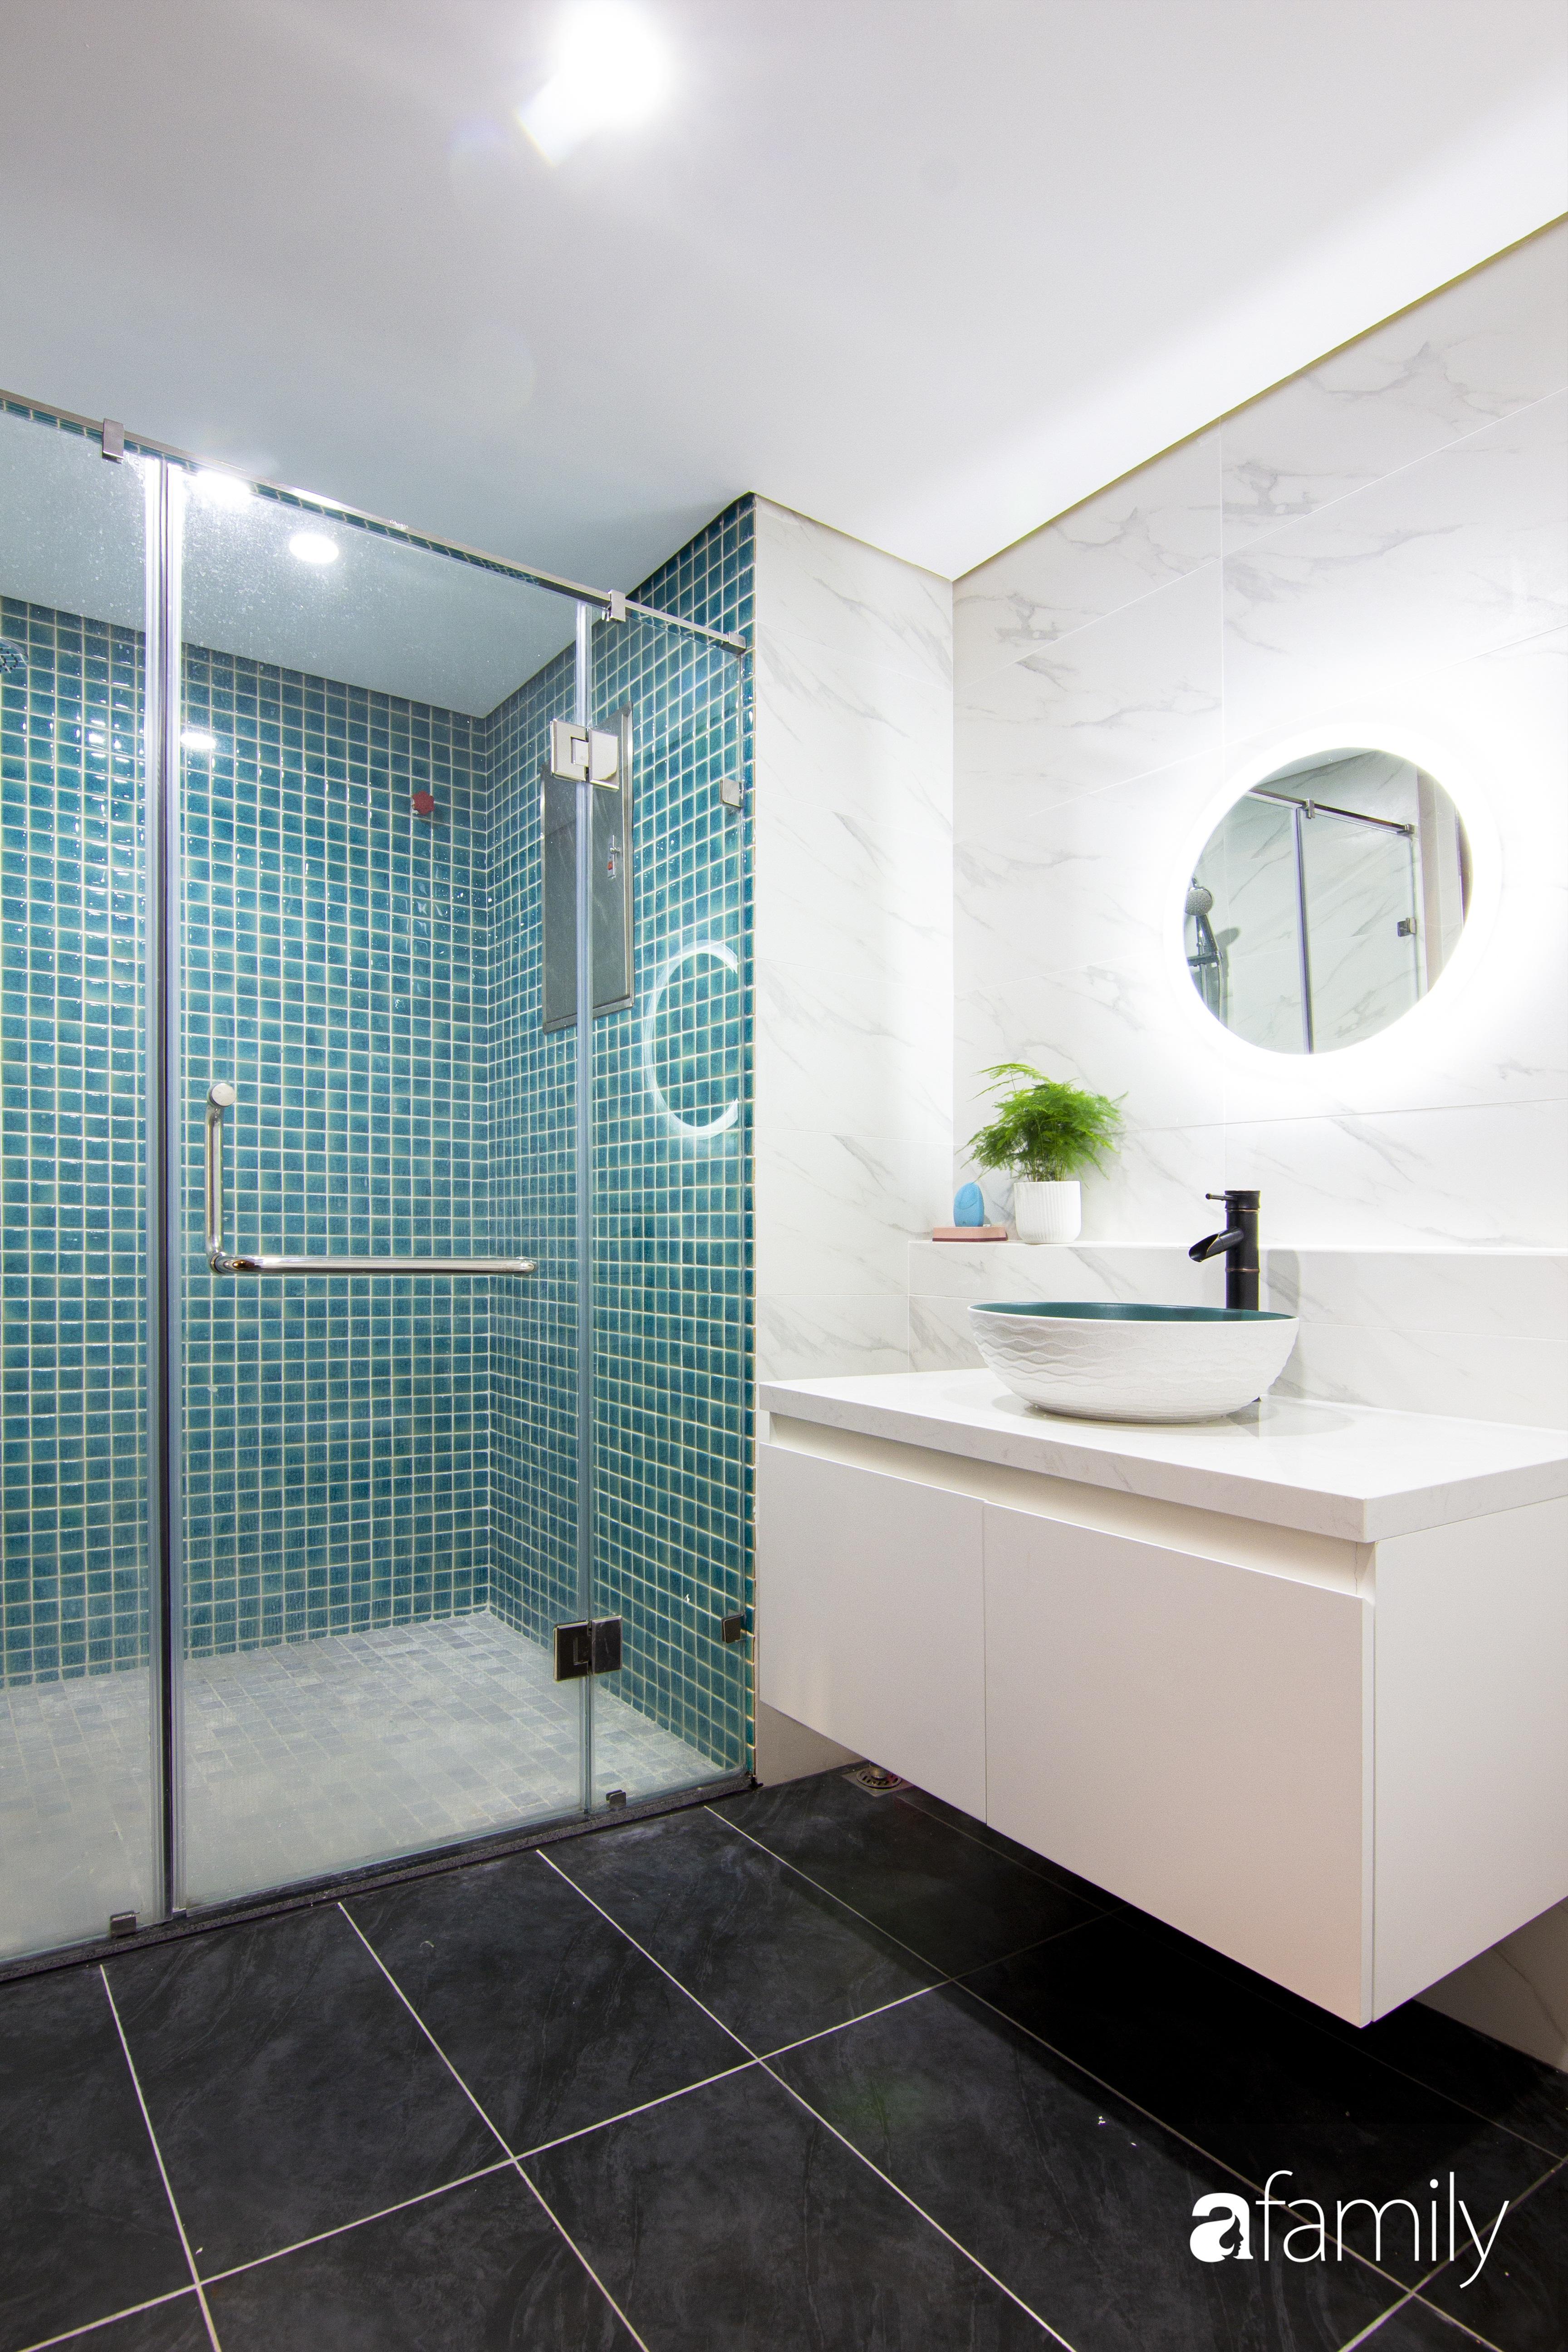 Căn hộ 150m² tối ưu không gian nhờ decor màu trung tính và phong cách hiện đại ở Cầu Giấy, Hà Nội - Ảnh 15.